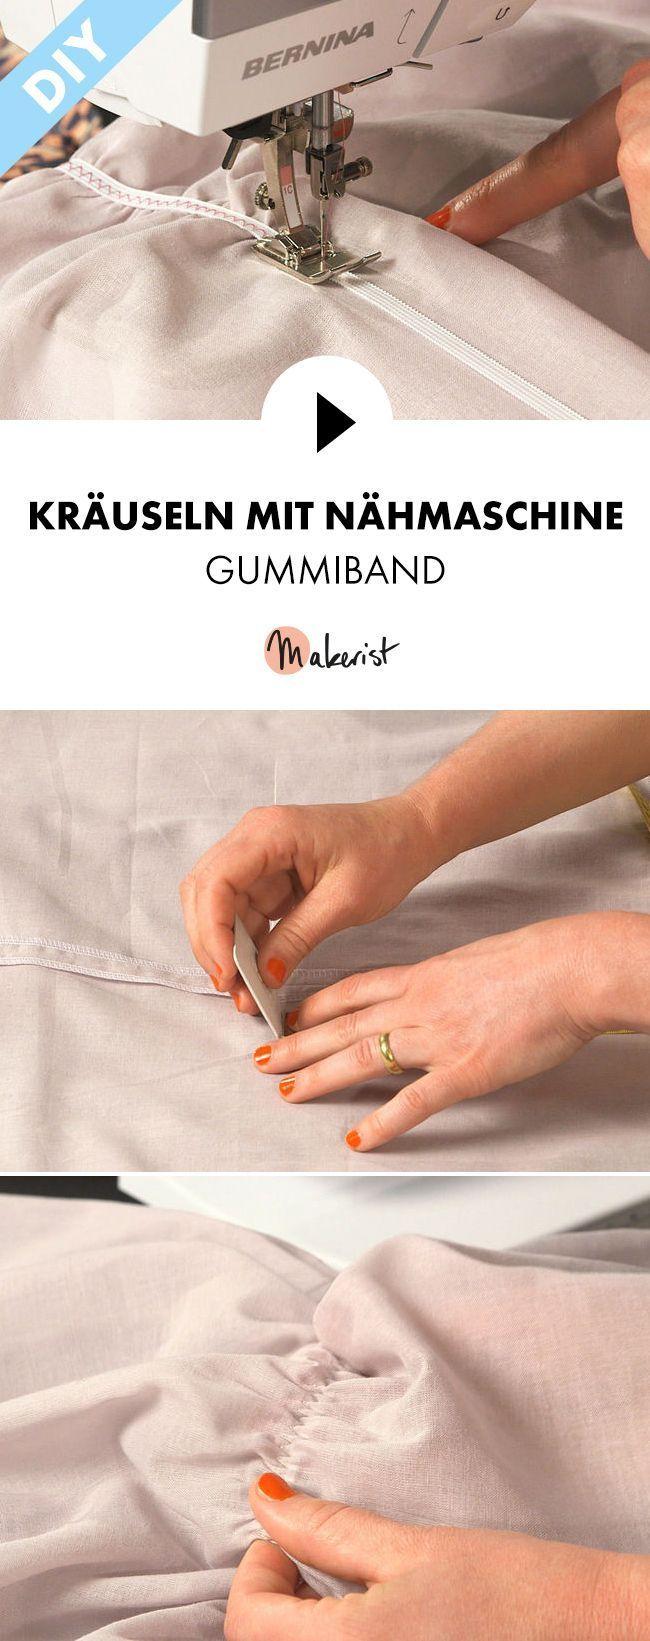 Nähschule: Gummiband kräuseln mit der Nähmaschine - Schritt für Schritt erklärt im Video-Kurs via Magerst.de #tutorielsdecouture